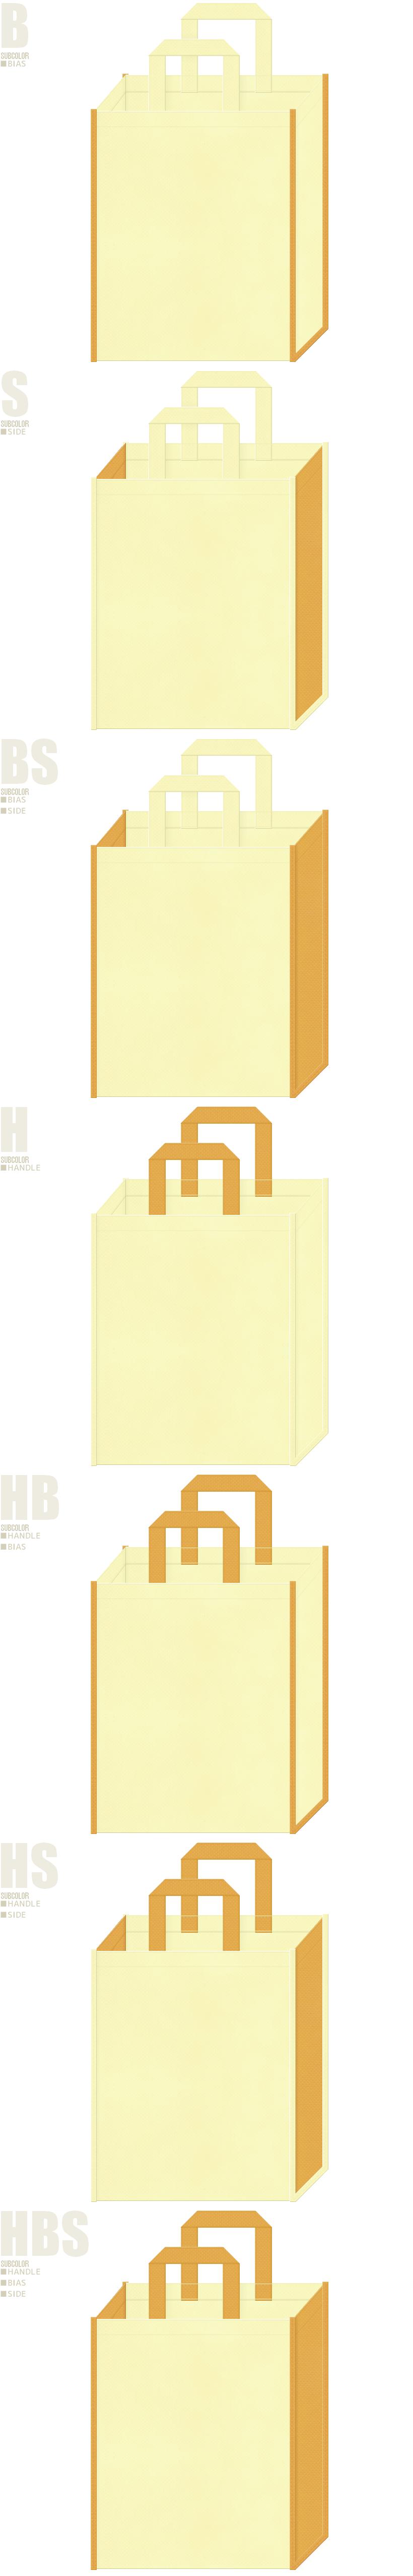 チーズタルトイメージにお奨めです。薄黄色と黄土色、7パターンの不織布トートバッグ配色デザイン例。